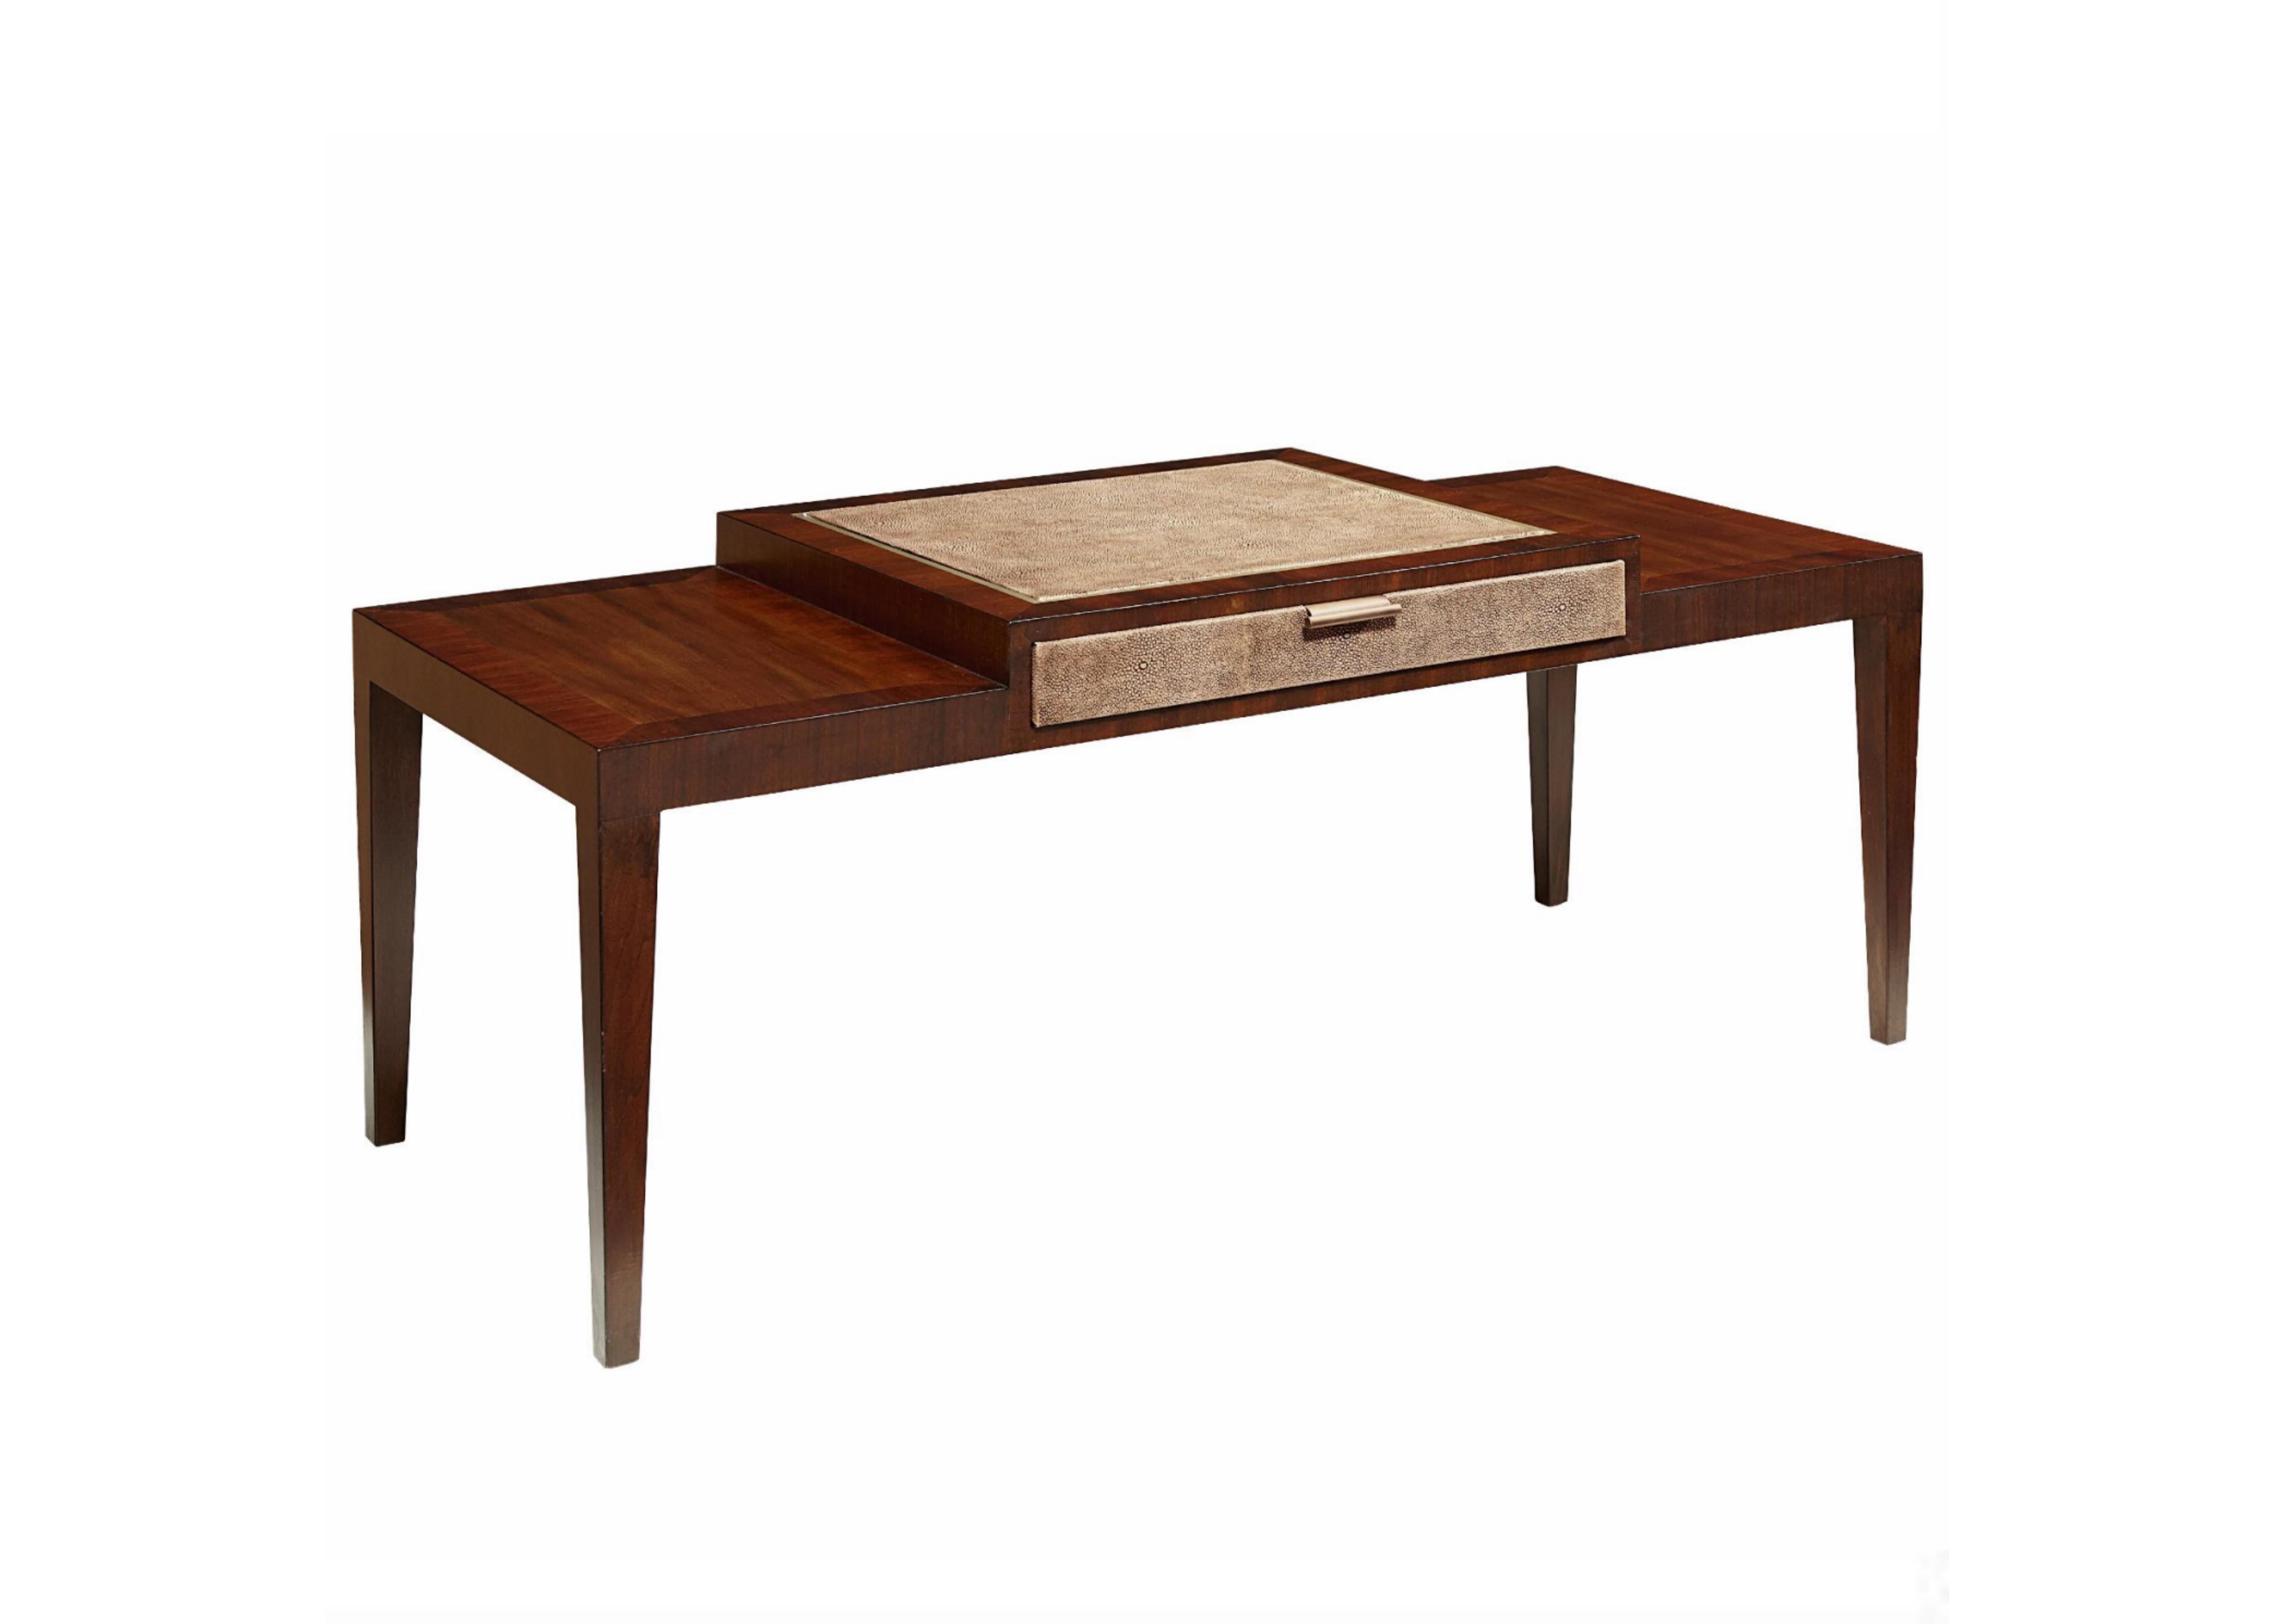 Стол журнальныйЖурнальные столики<br>Стол имеет 1 выдвижной ящик, который выдвигается с двух сторон. Отделка - кожа ската.<br><br>Material: Дерево<br>Width см: 127<br>Depth см: 56<br>Height см: 45